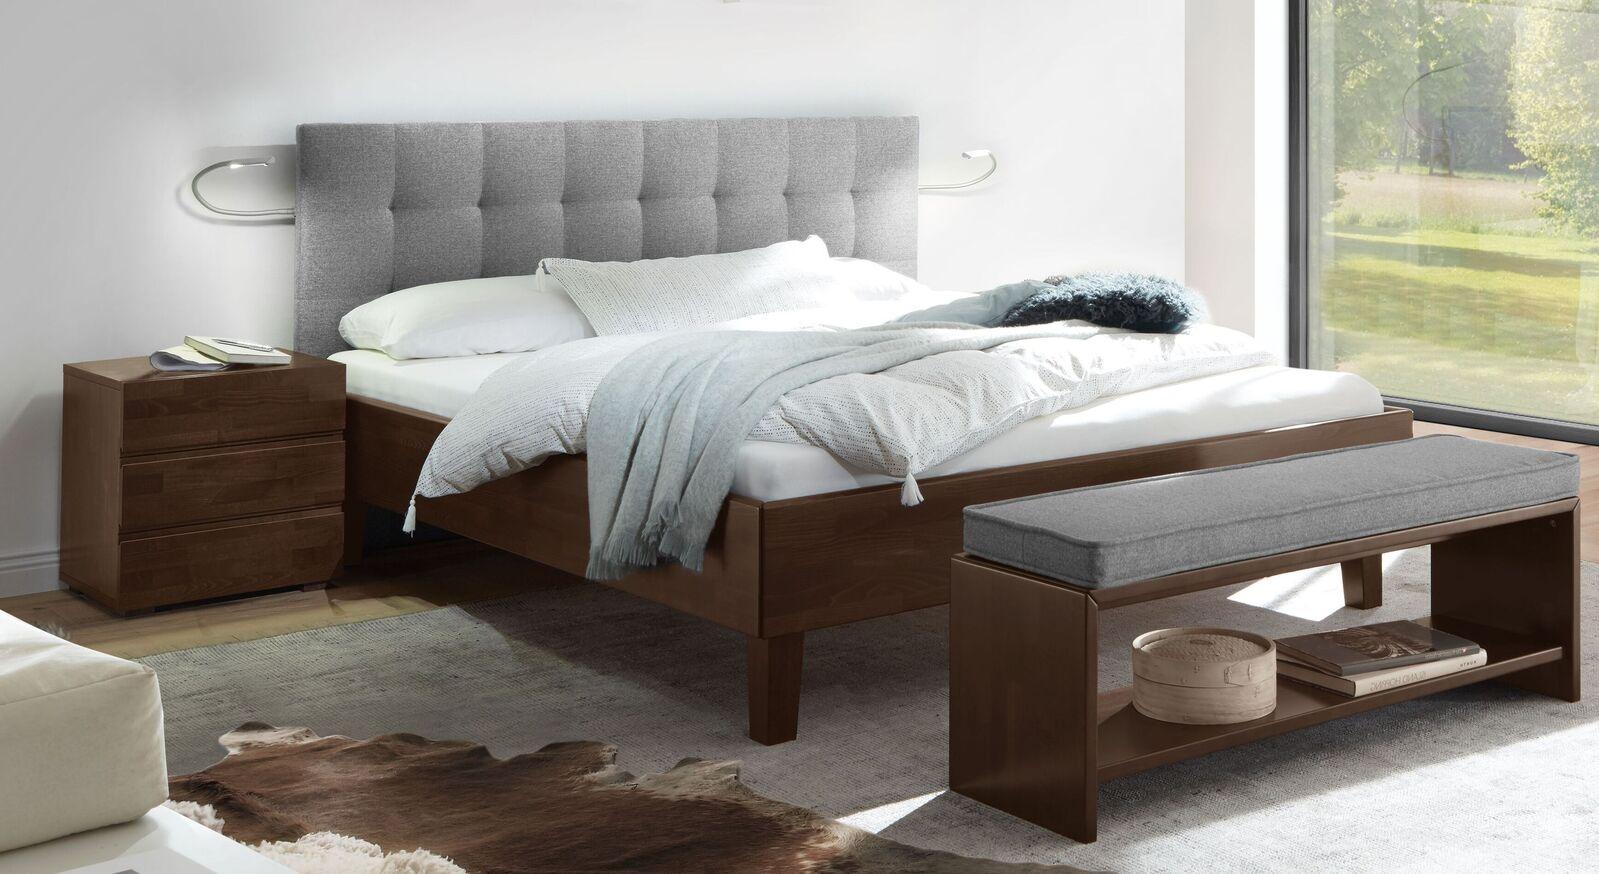 Bett Fucino mit weißgrauem Stoffkopfteil